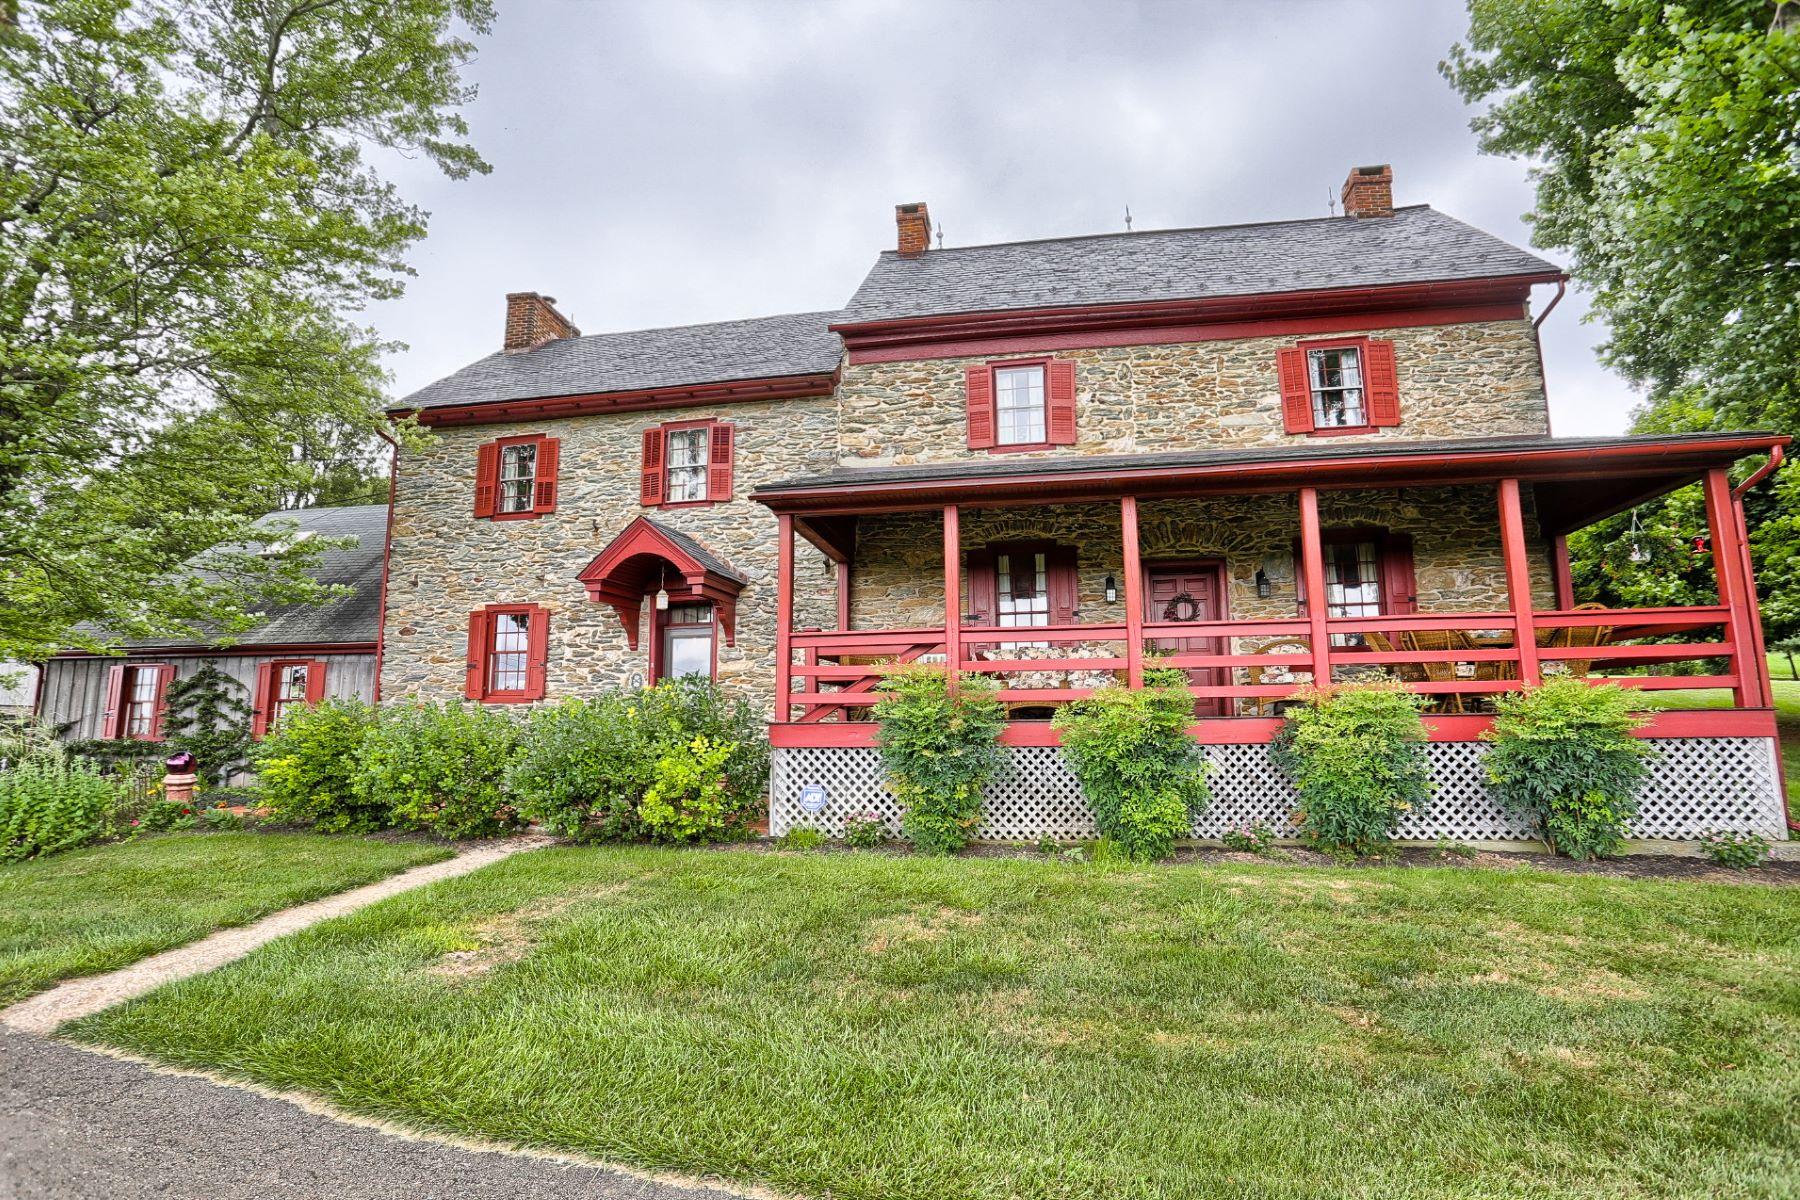 农场 / 牧场 / 种植园 为 销售 在 1864 Susquehannock Drive Drumore, 宾夕法尼亚州 17518 美国